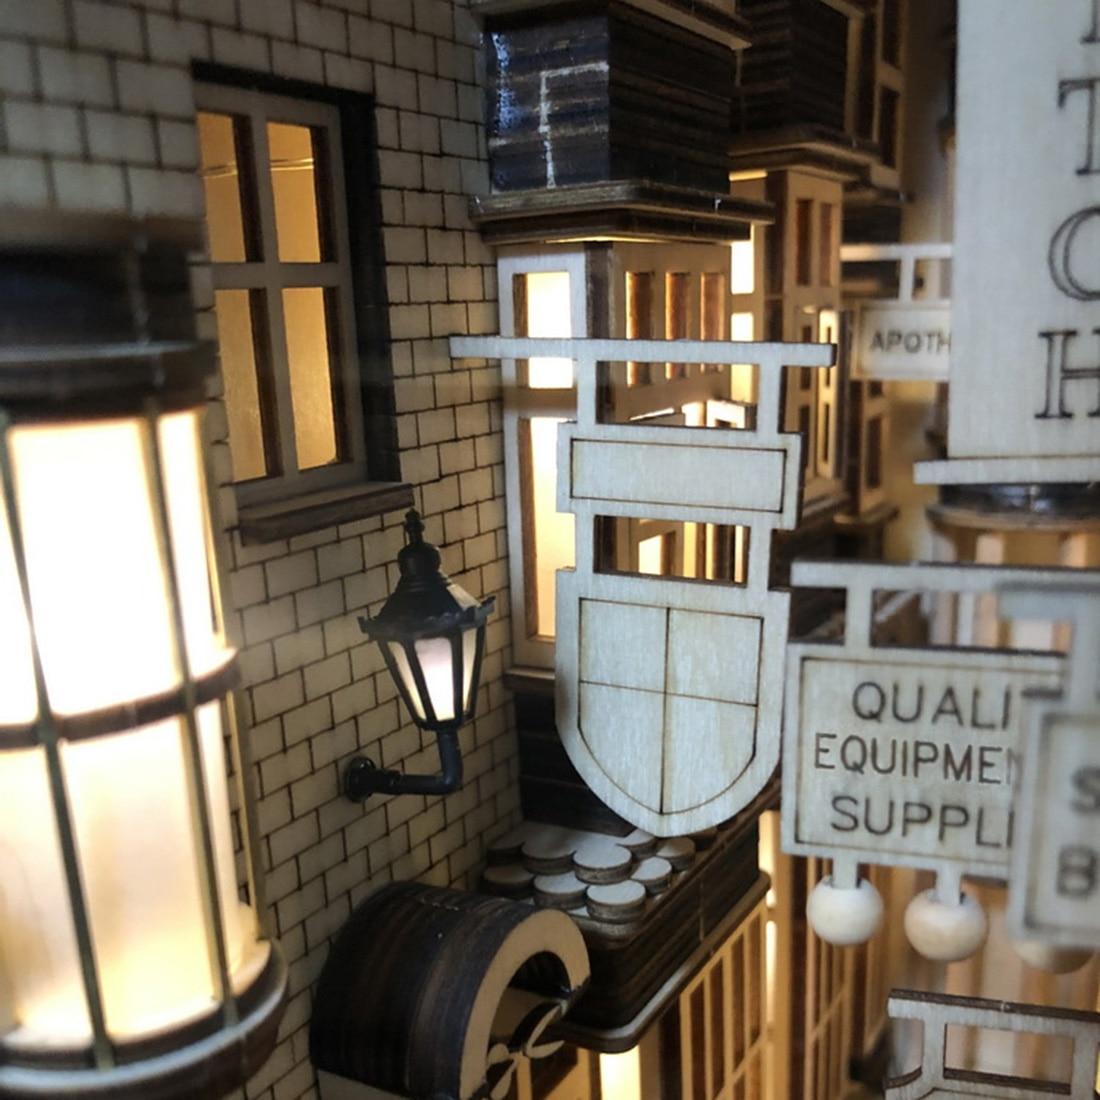 H53bce1fc131a44d29cccceb0a5524dcds - Robotime - DIY Models, DIY Miniature Houses, 3d Wooden Puzzle